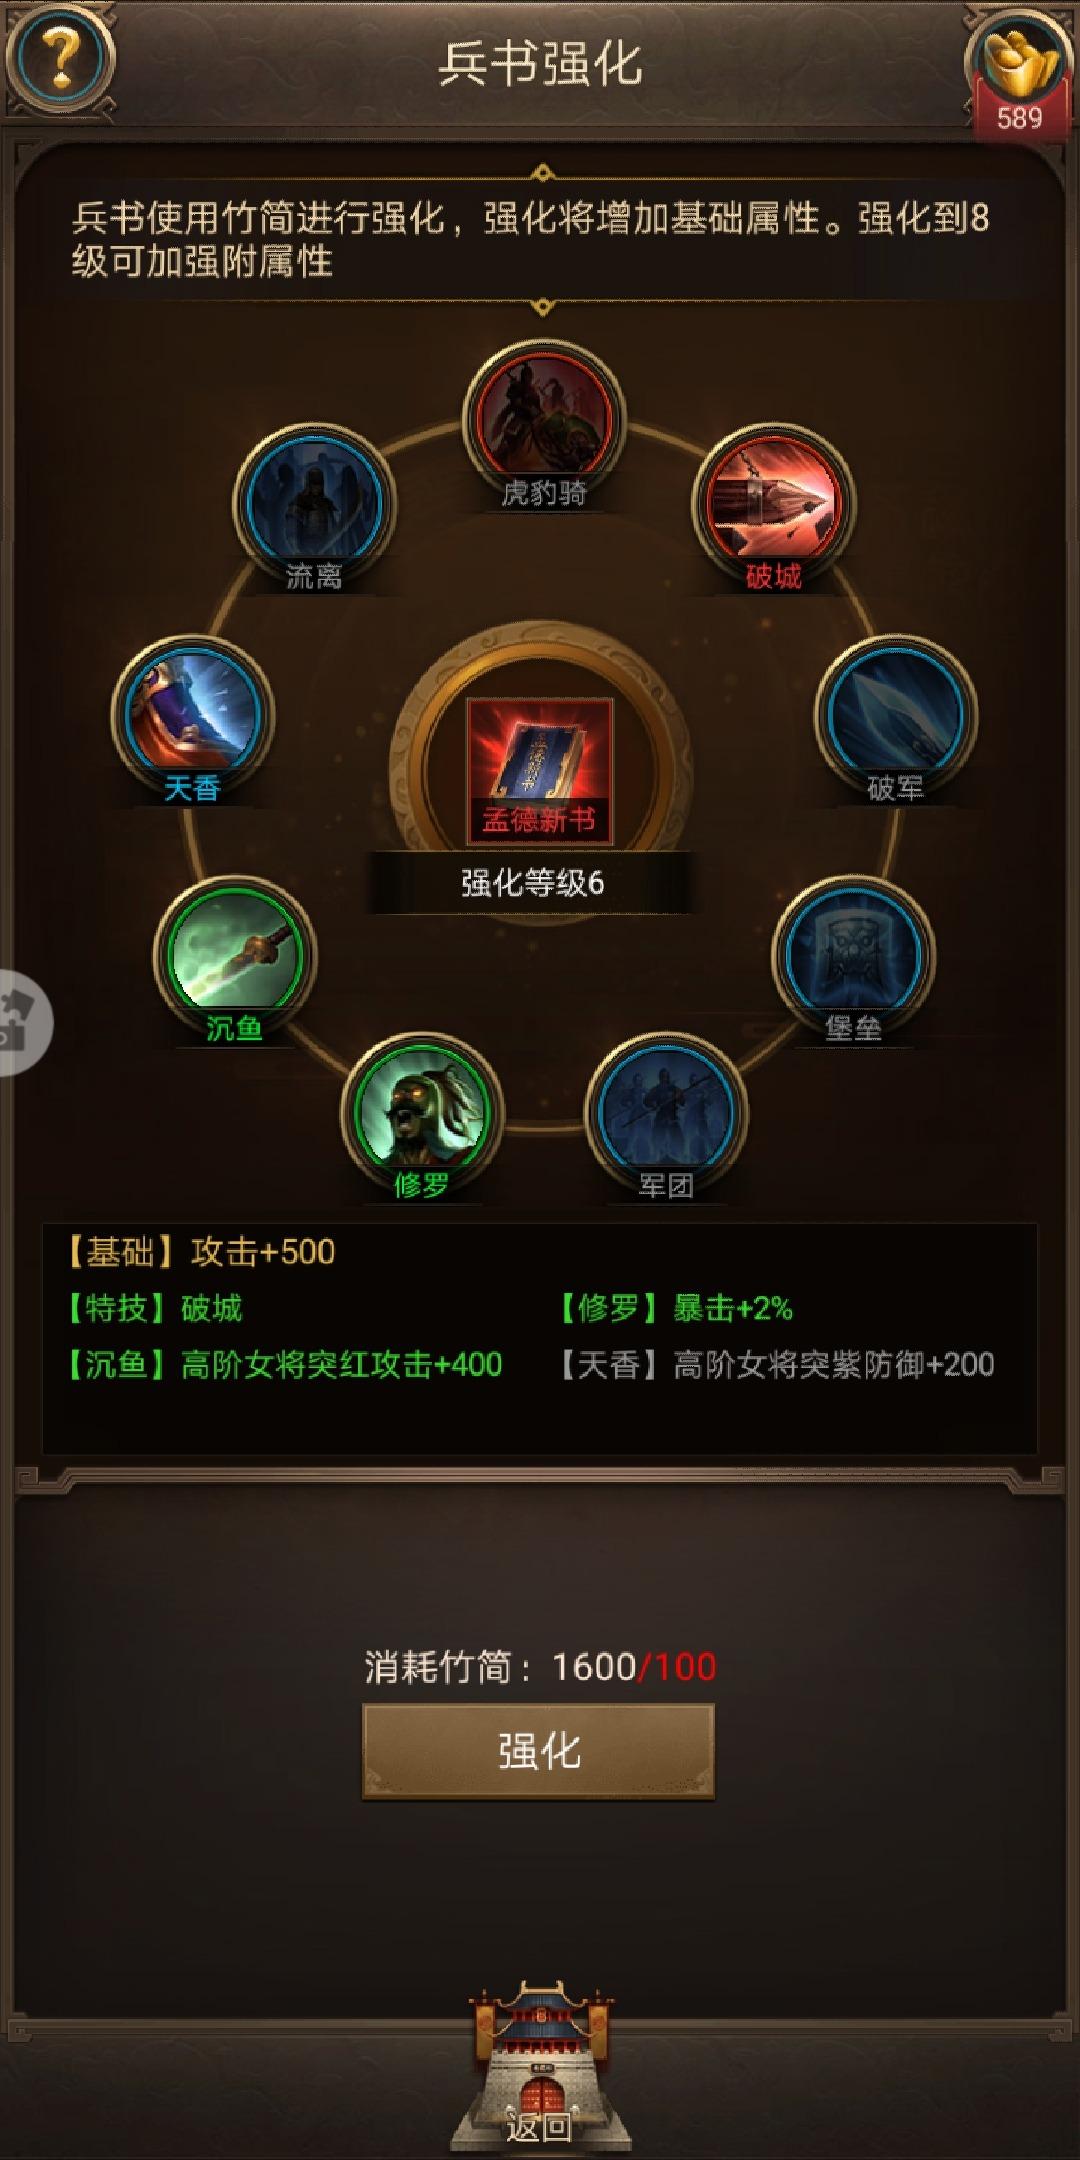 Screenshot_20190713_220611_juedi.tatuyin.rxsg.huawei.jpg